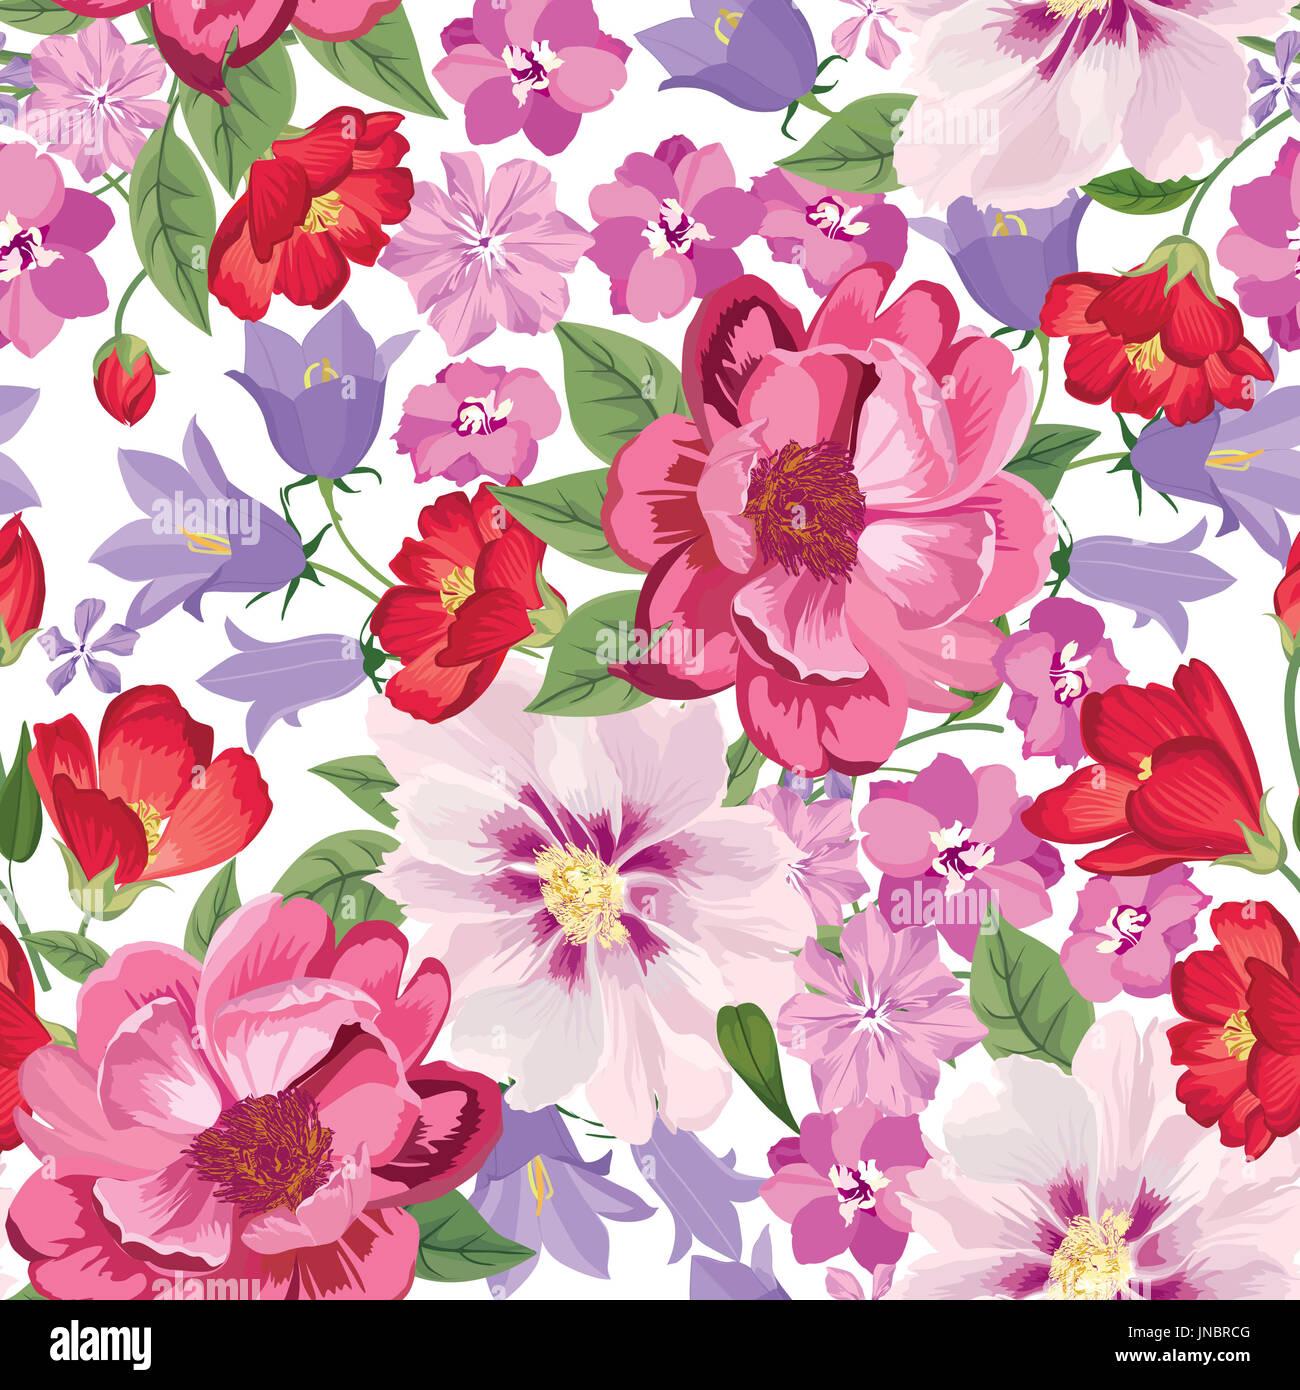 Motif floral fleur fond transparent.. Carreaux floral